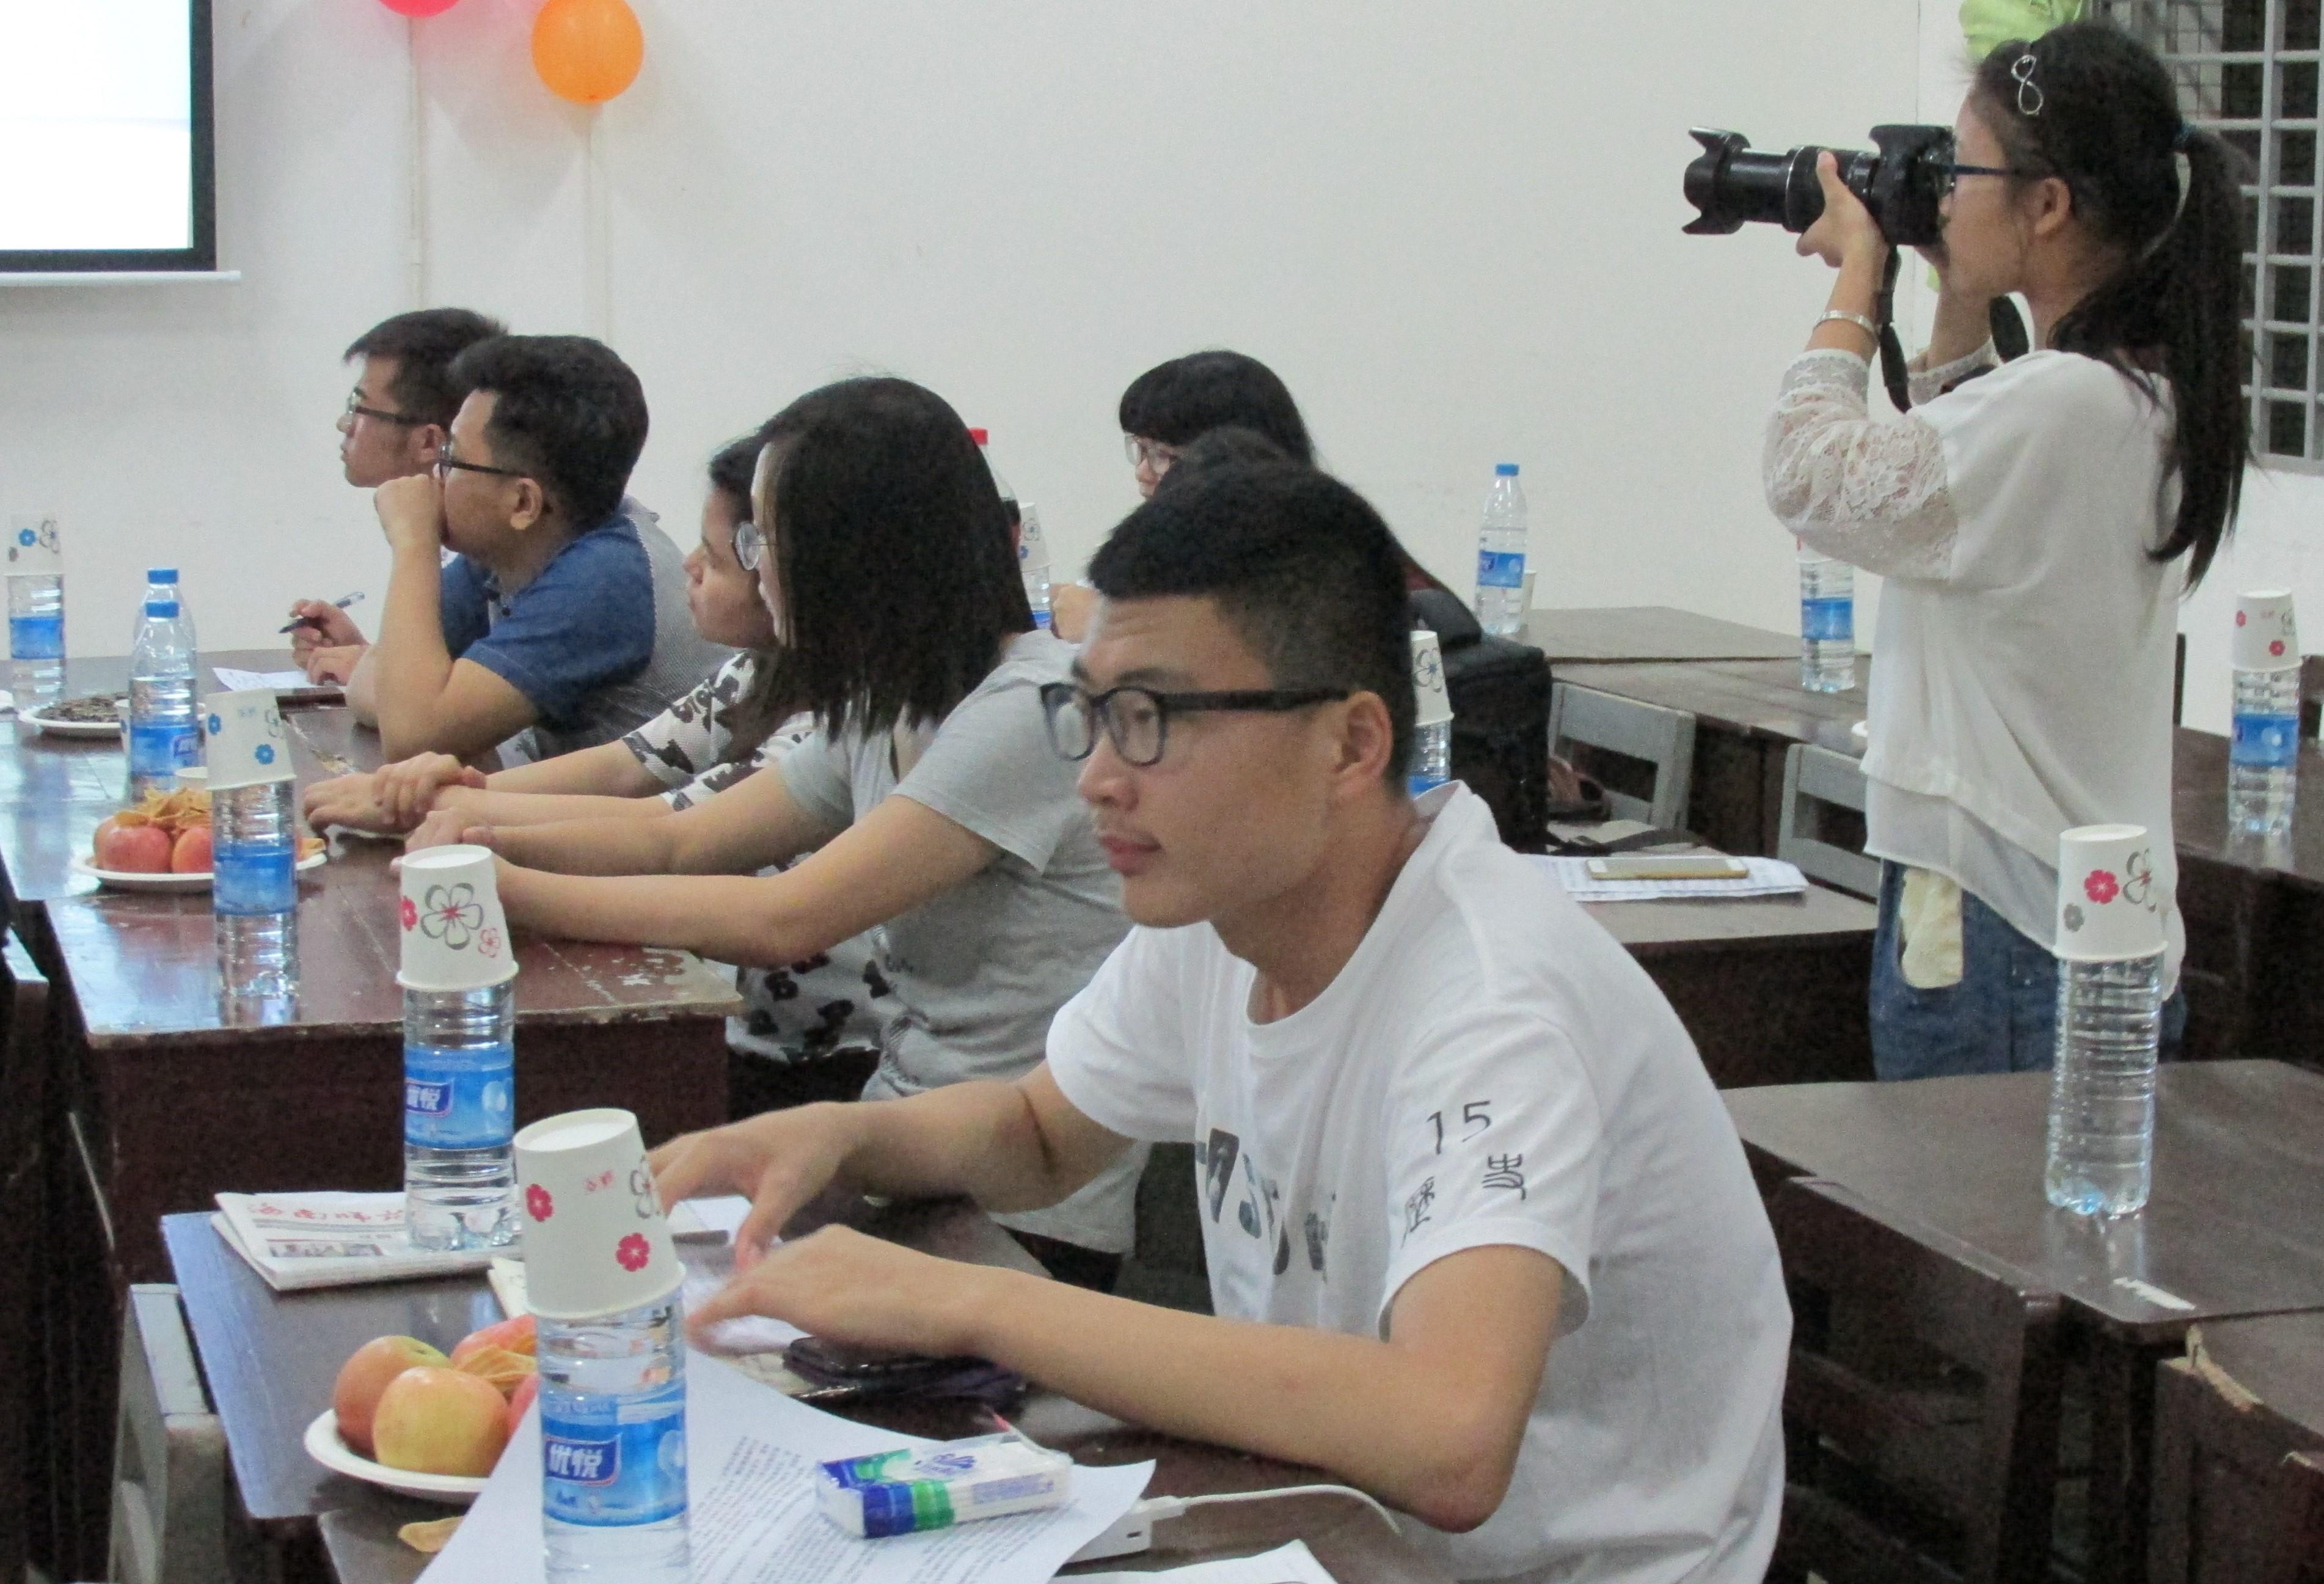 博采众长,共同进步――记桂林洋高校区三校记者团交流活动